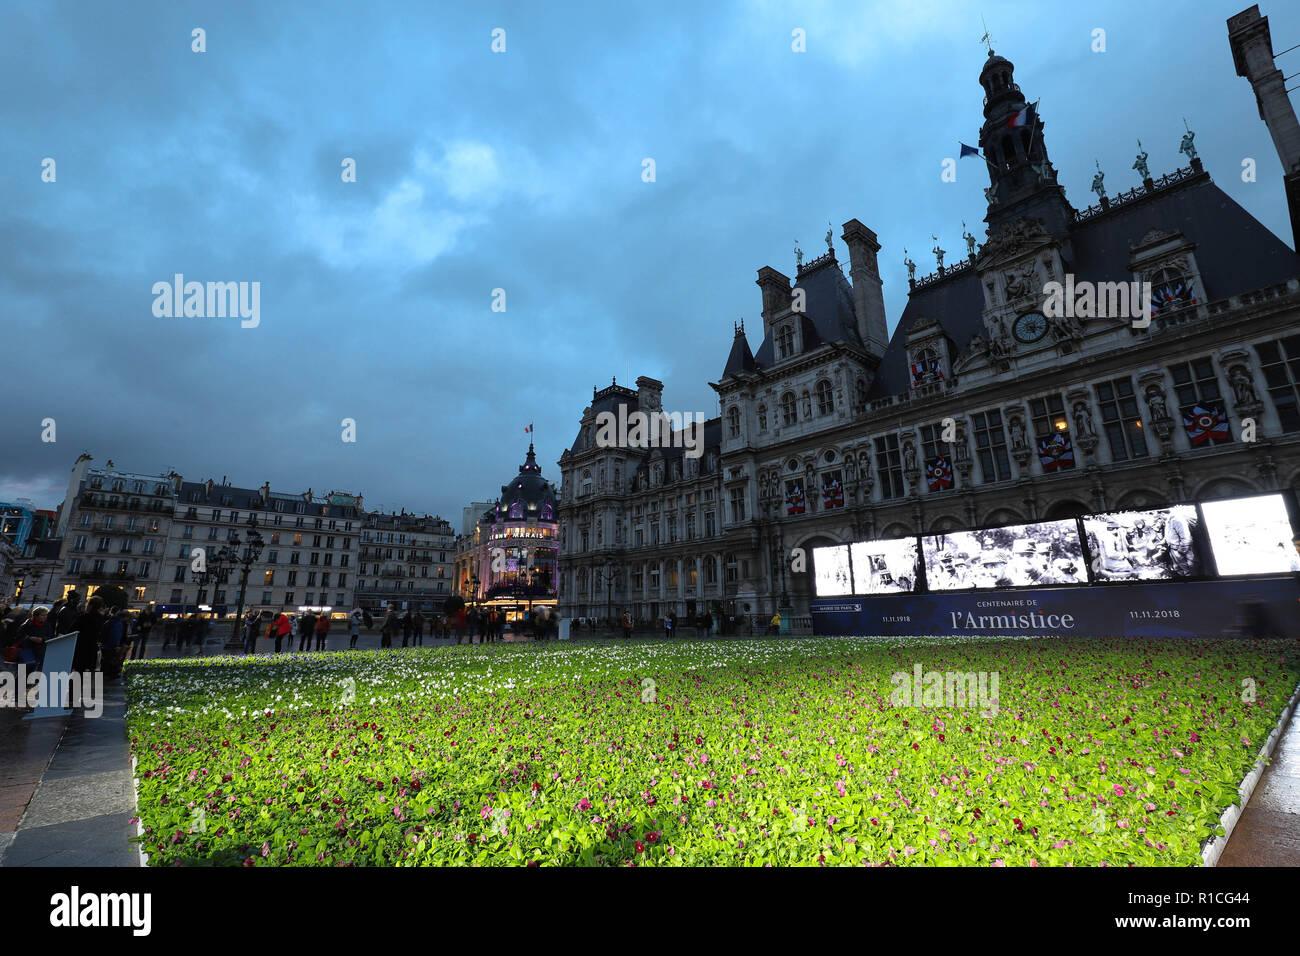 Anlässlich des 100-jährigen Bestehens von Waffenstillstand des Ersten Weltkriegs, Paris City Hall setzt 94,415 Blau, Weiß und Rot Blumen vor dem Rathaus. Stockfoto